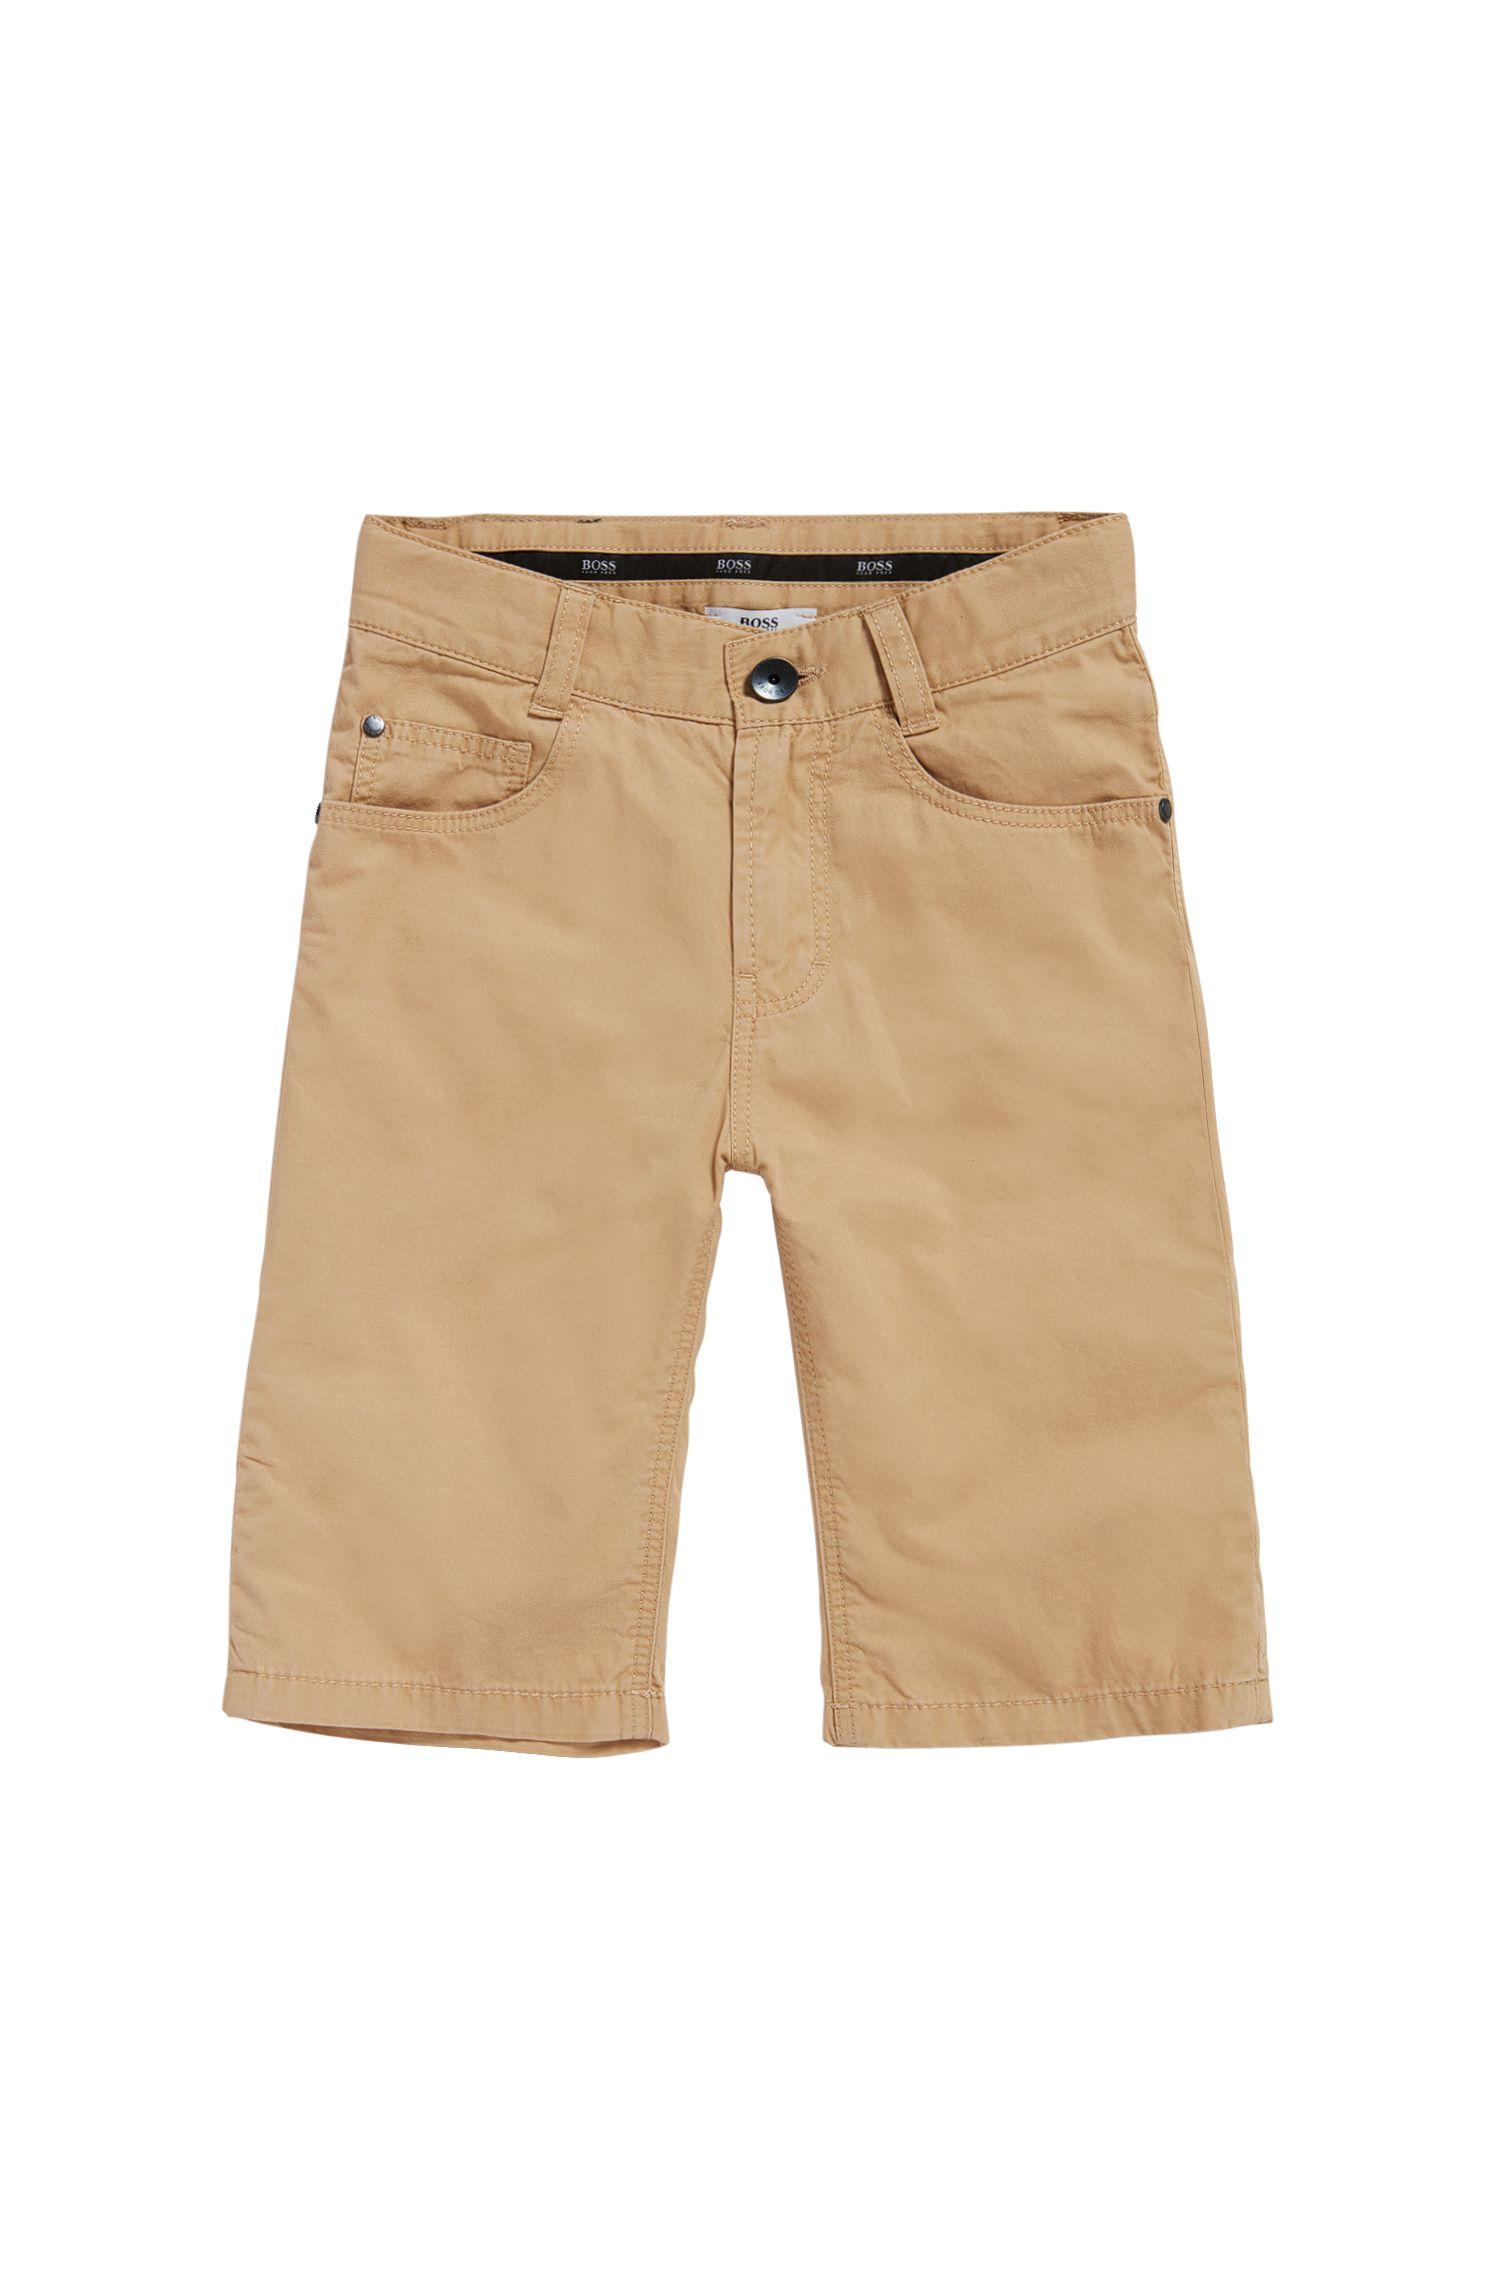 Kids-Shorts aus Baumwolle im Five-Pocket-Stil: 'J24433'